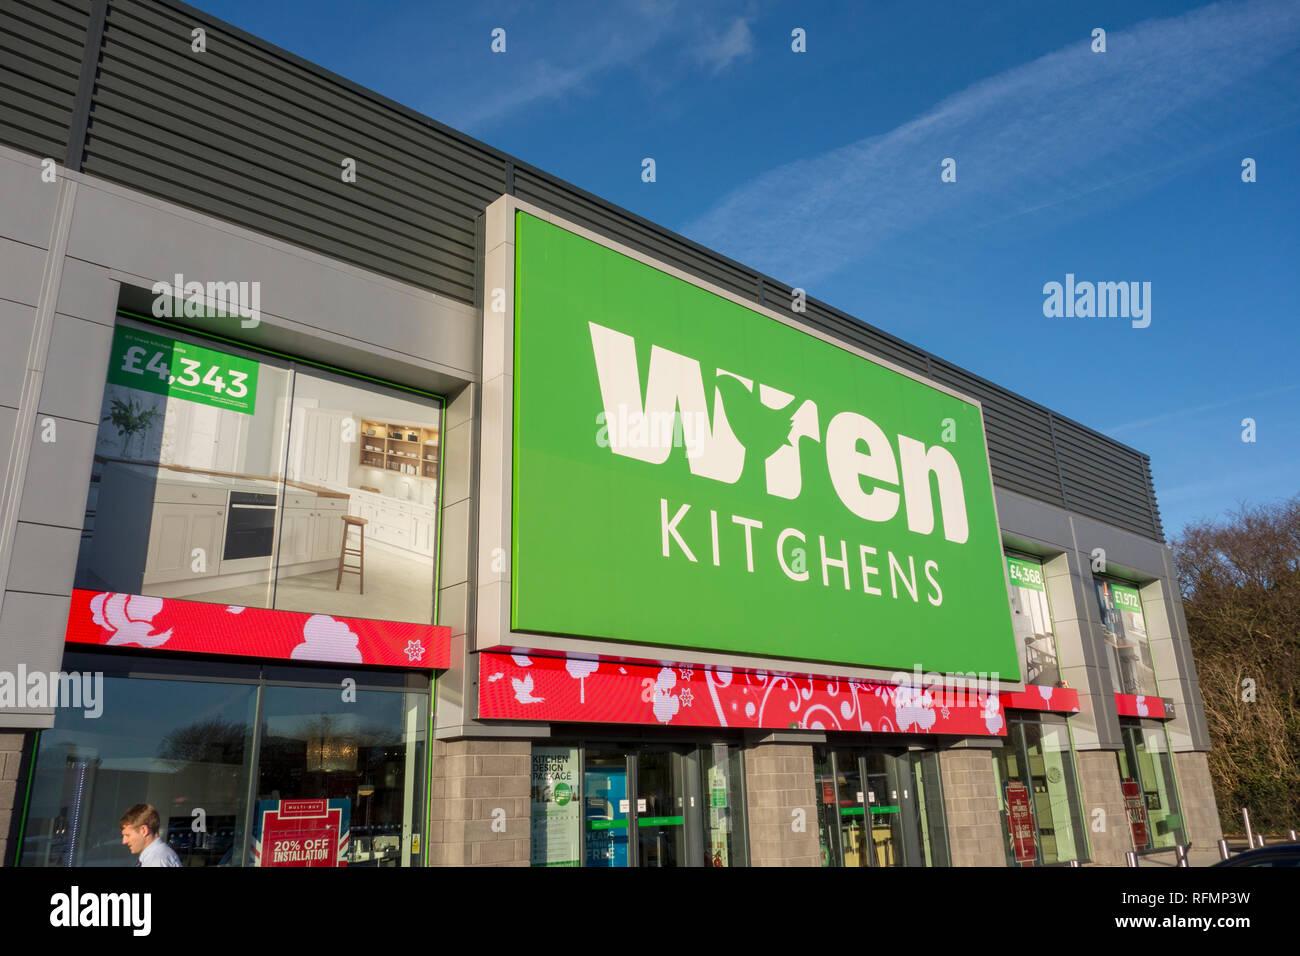 Wren Kitchens store sign. Sign outside a Wren Kitchens shop, Stevenage, UK - Stock Image